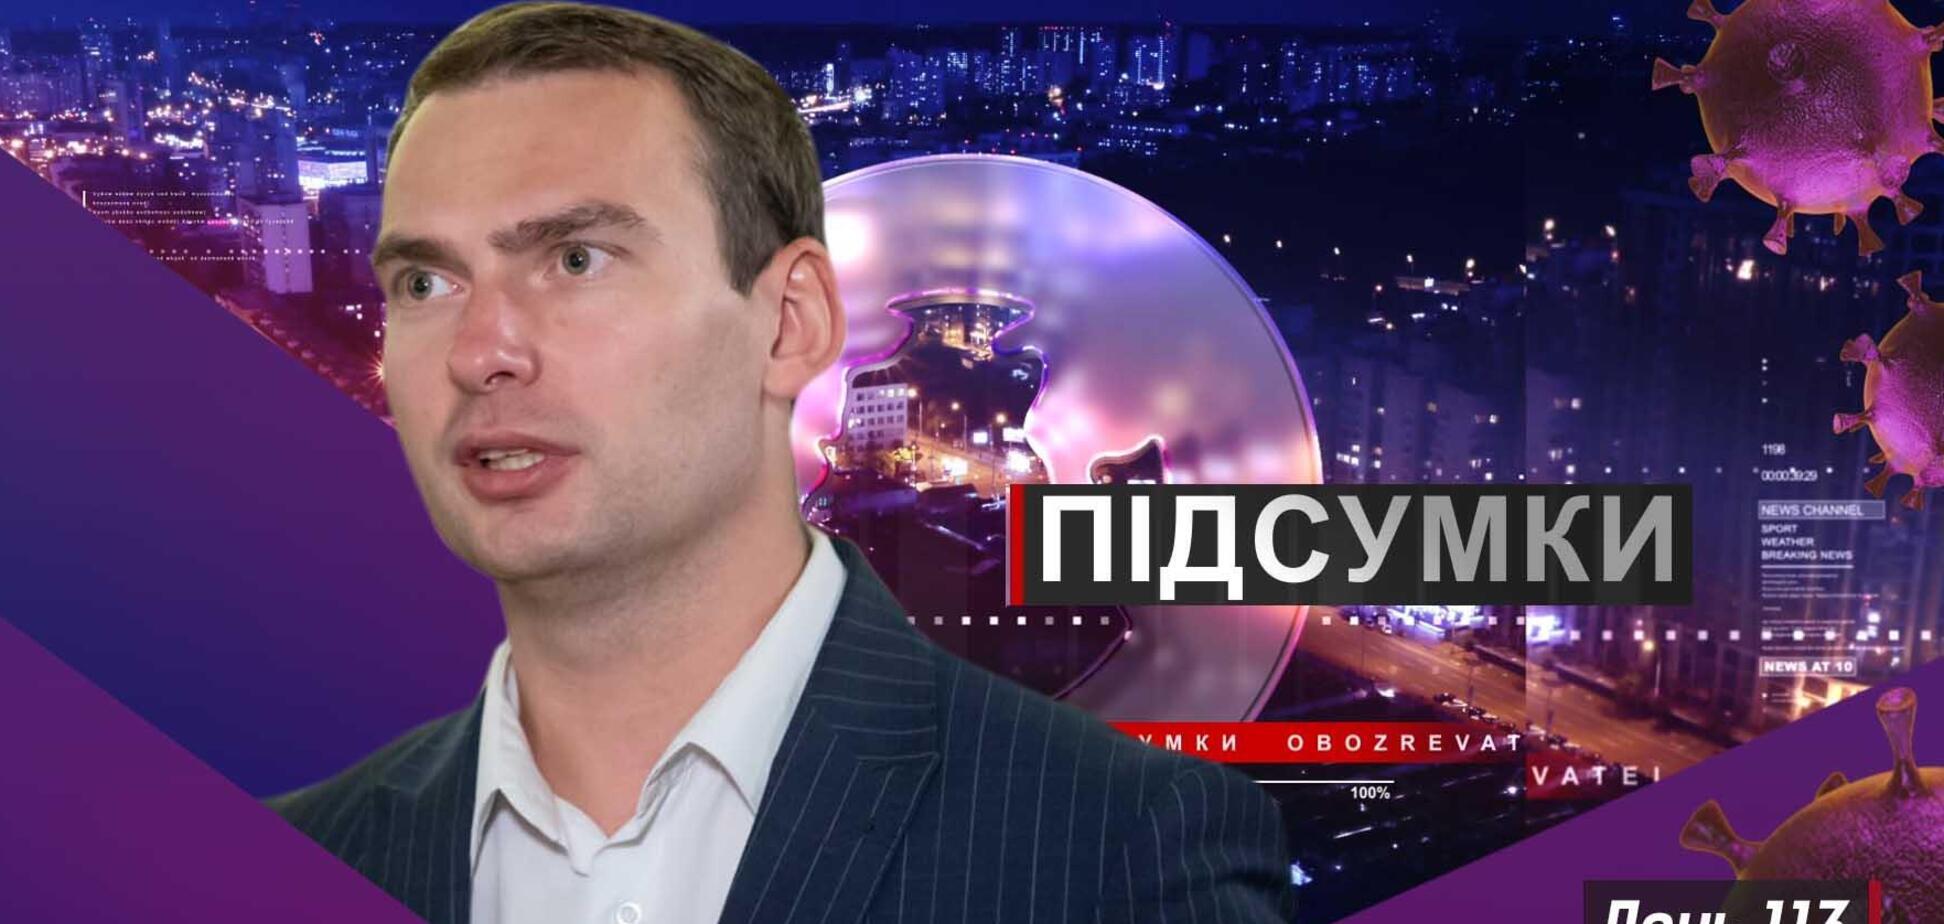 В Украине могут появиться новые налоги: разъяснения Железняка